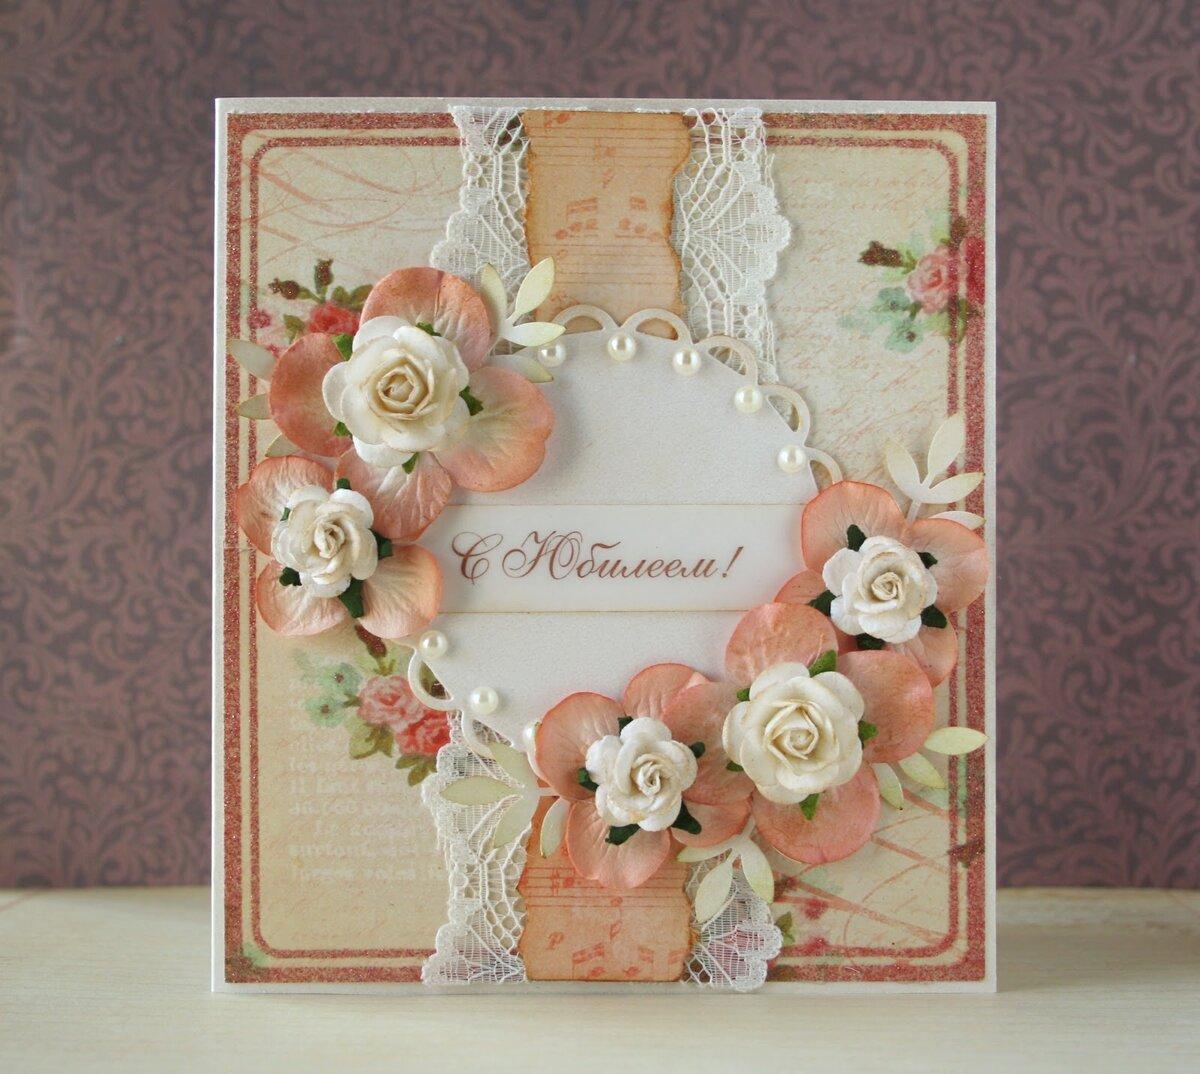 Сайт открытки, поздравление в открытку с днем рождения скрапбукинг